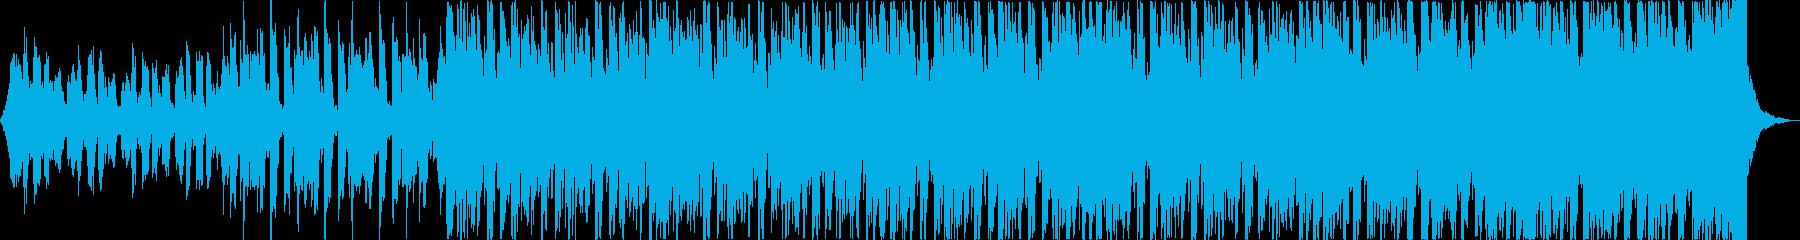 軽快清涼感クールEDMトロピカルハウスbの再生済みの波形